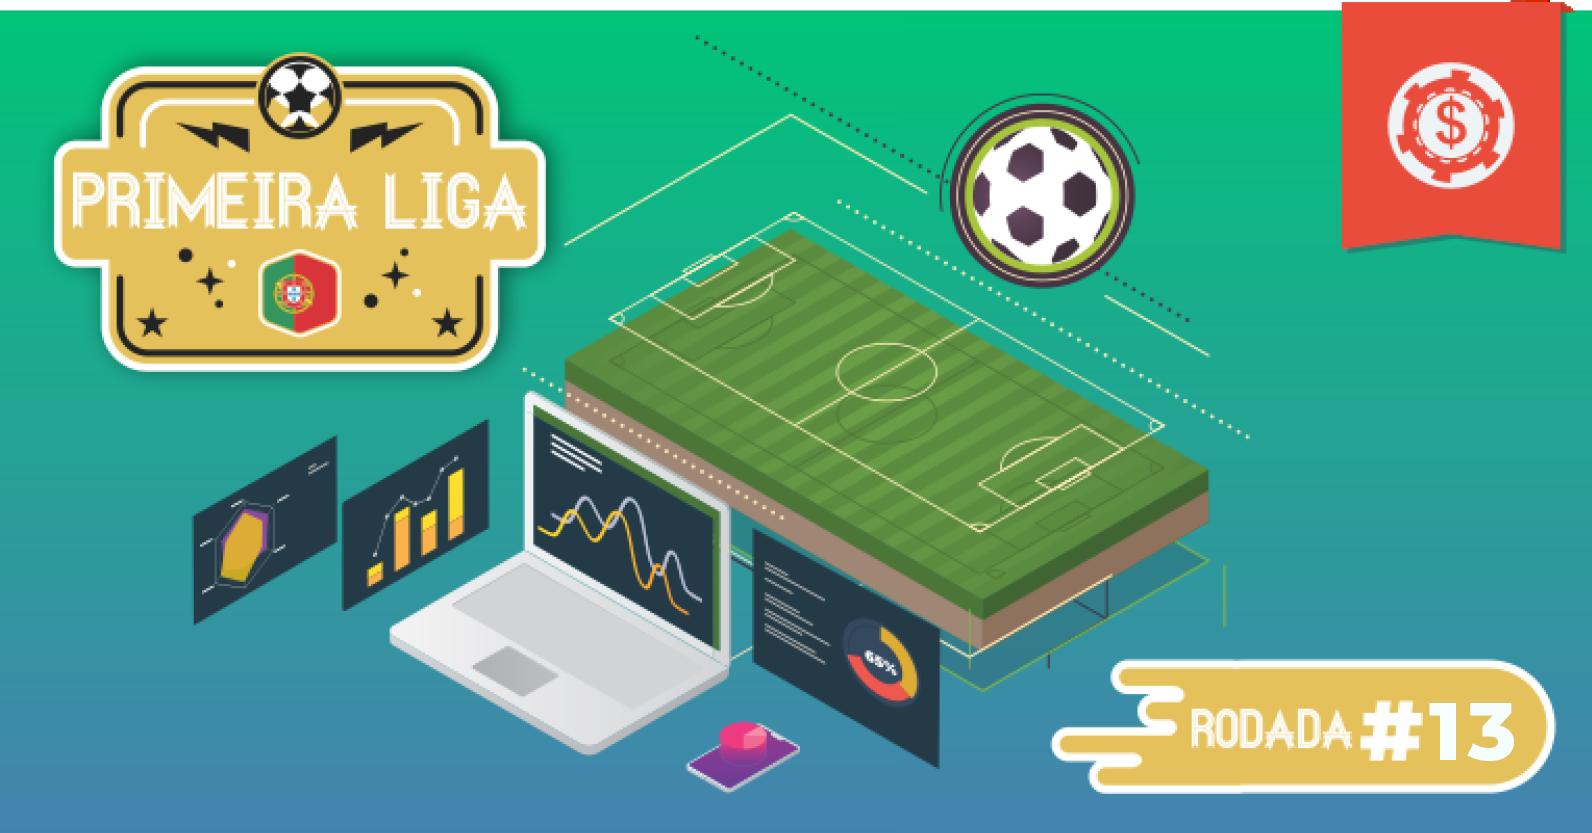 prognosticos-primeira-liga-campeonato-portugues-apostas-rodada-13